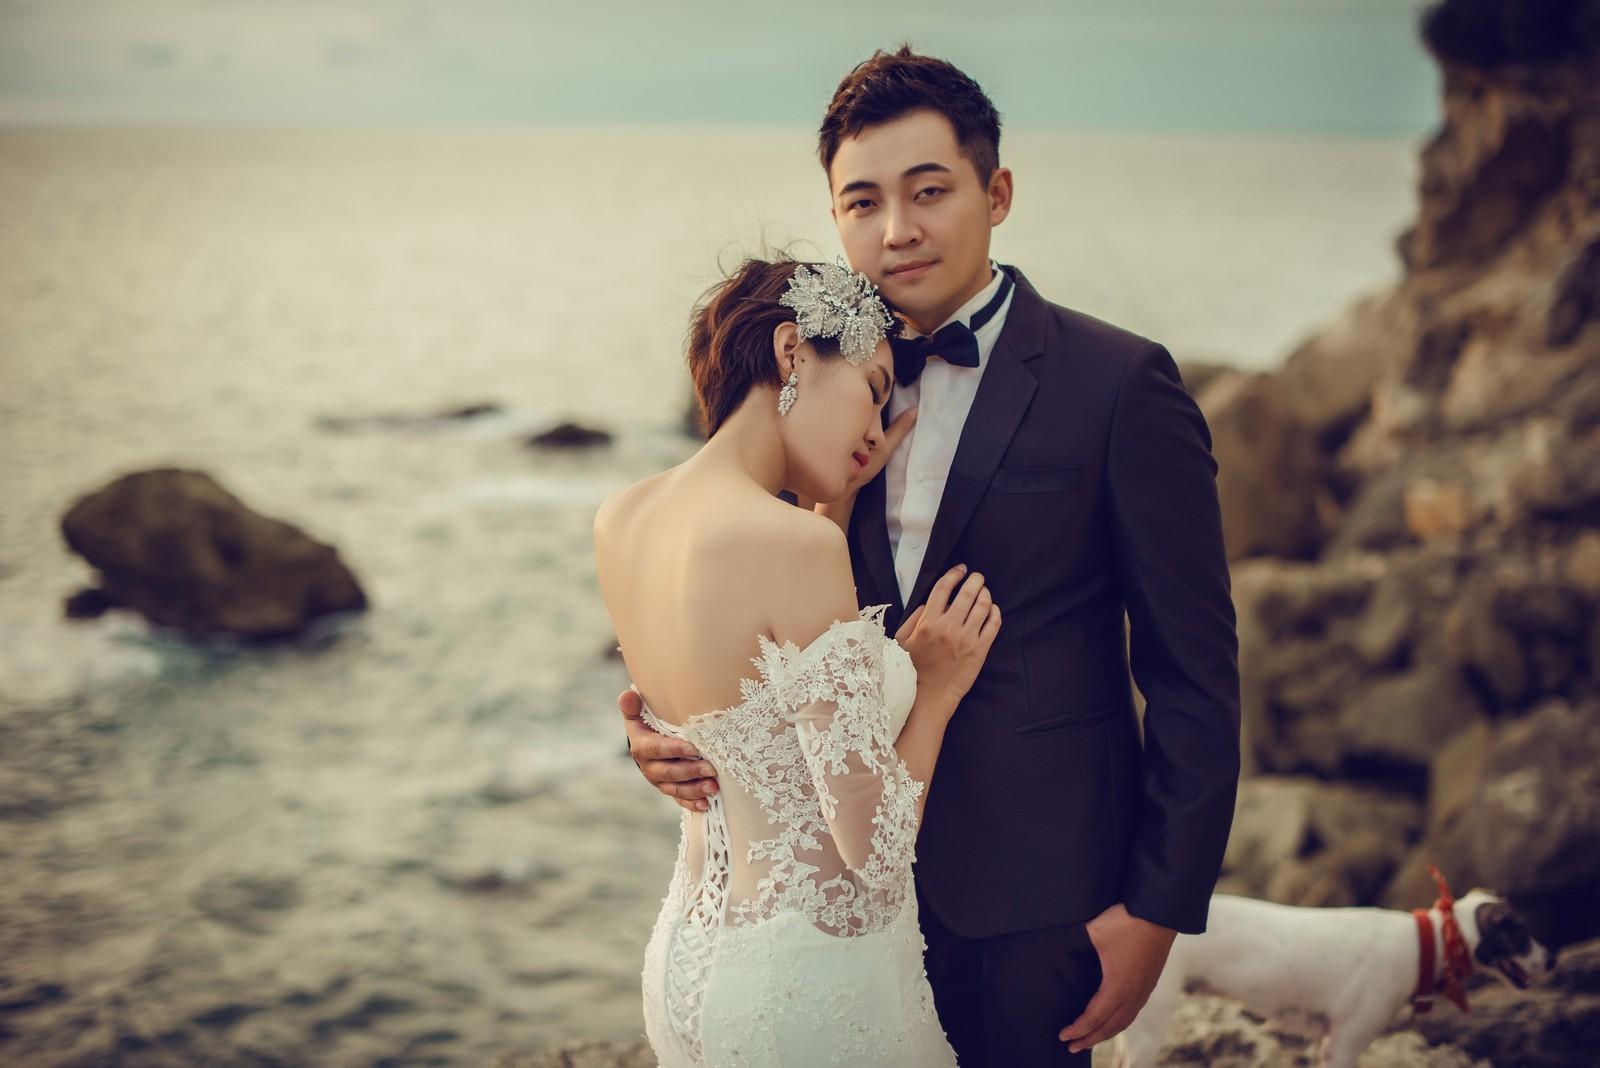 海外婚紗,高雄婚紗,海外婚紗推薦,台灣婚紗